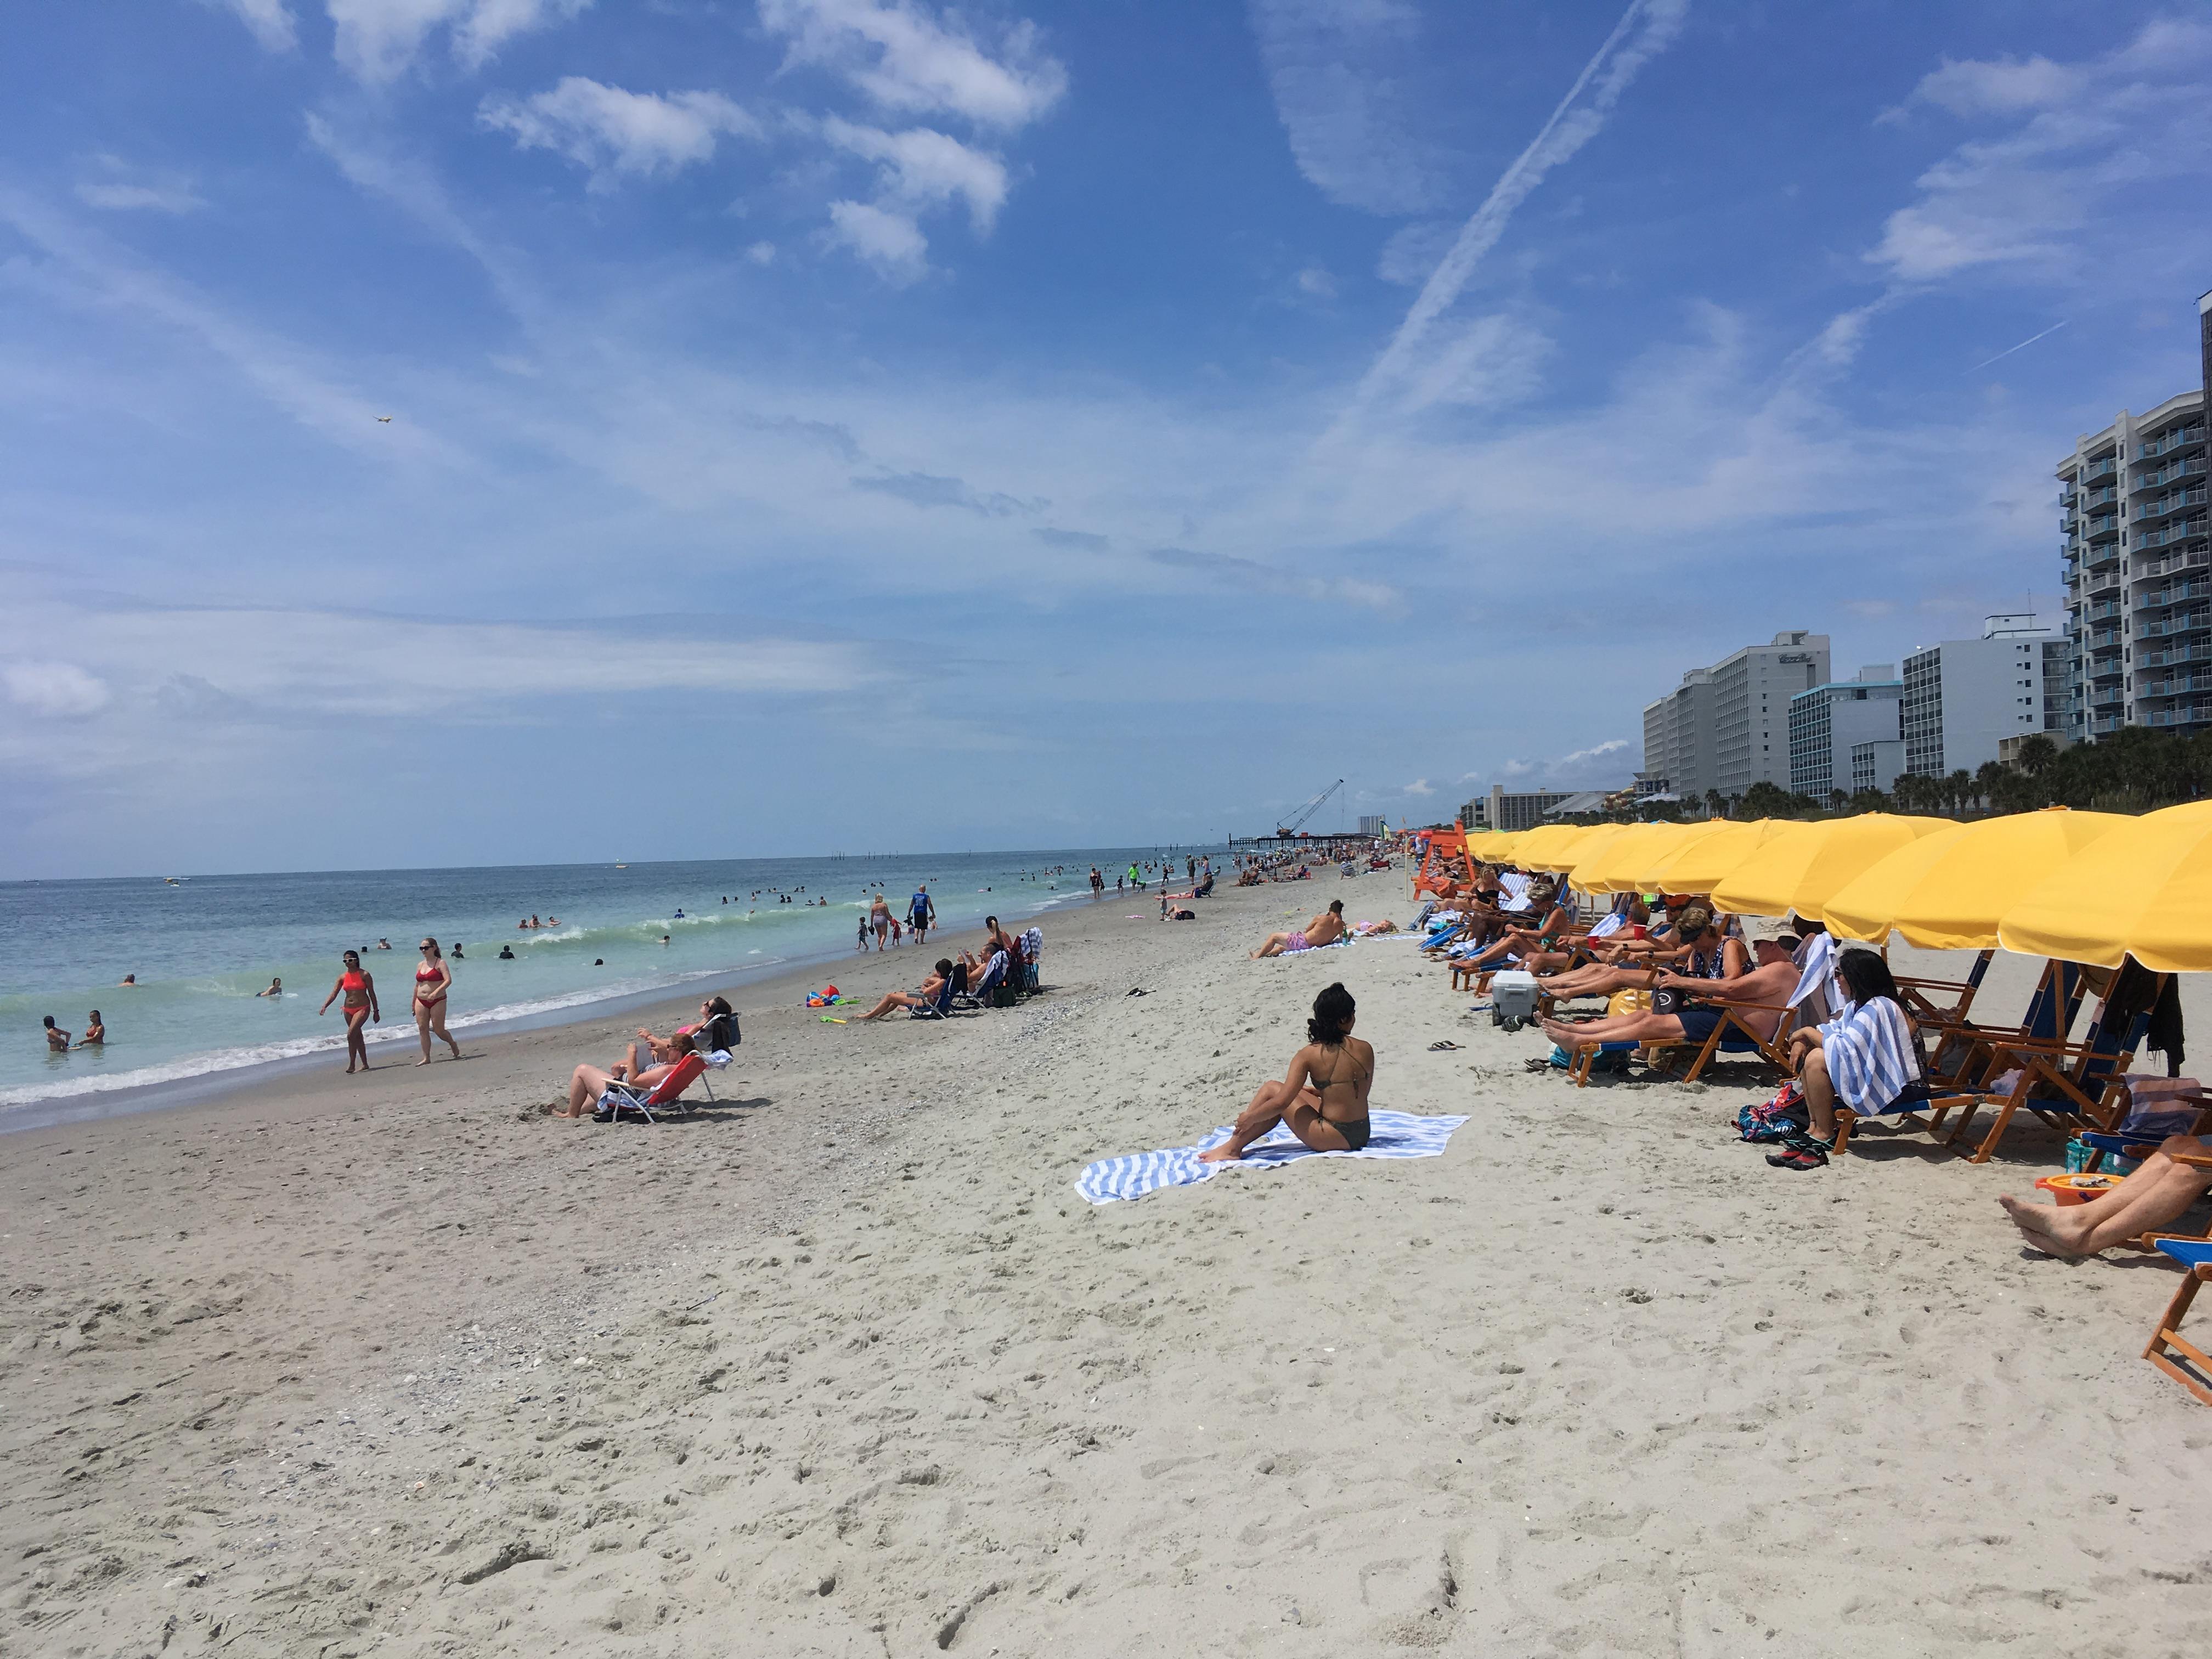 シーフードも美味!マートルビーチで海開き【サウスカロライナ】